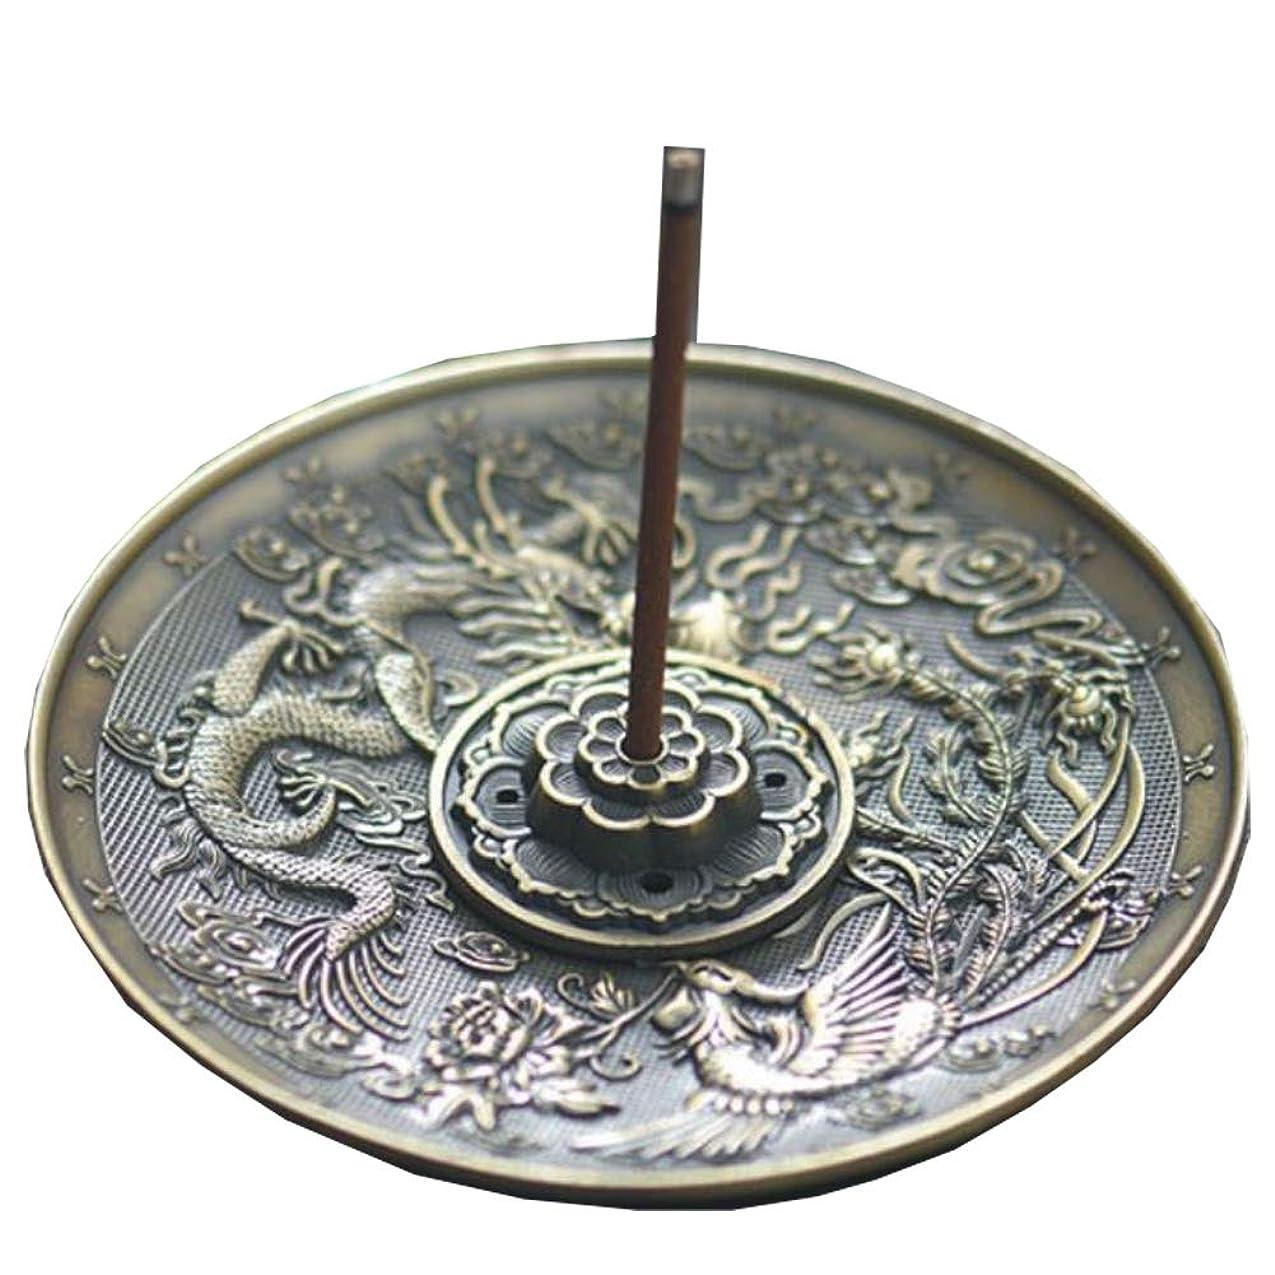 犬隠資格情報[RADISSY] お香立て 香炉 香皿 スティック 円錐 タイプ お香 スタンド 龍のデザイン (青銅色5穴)